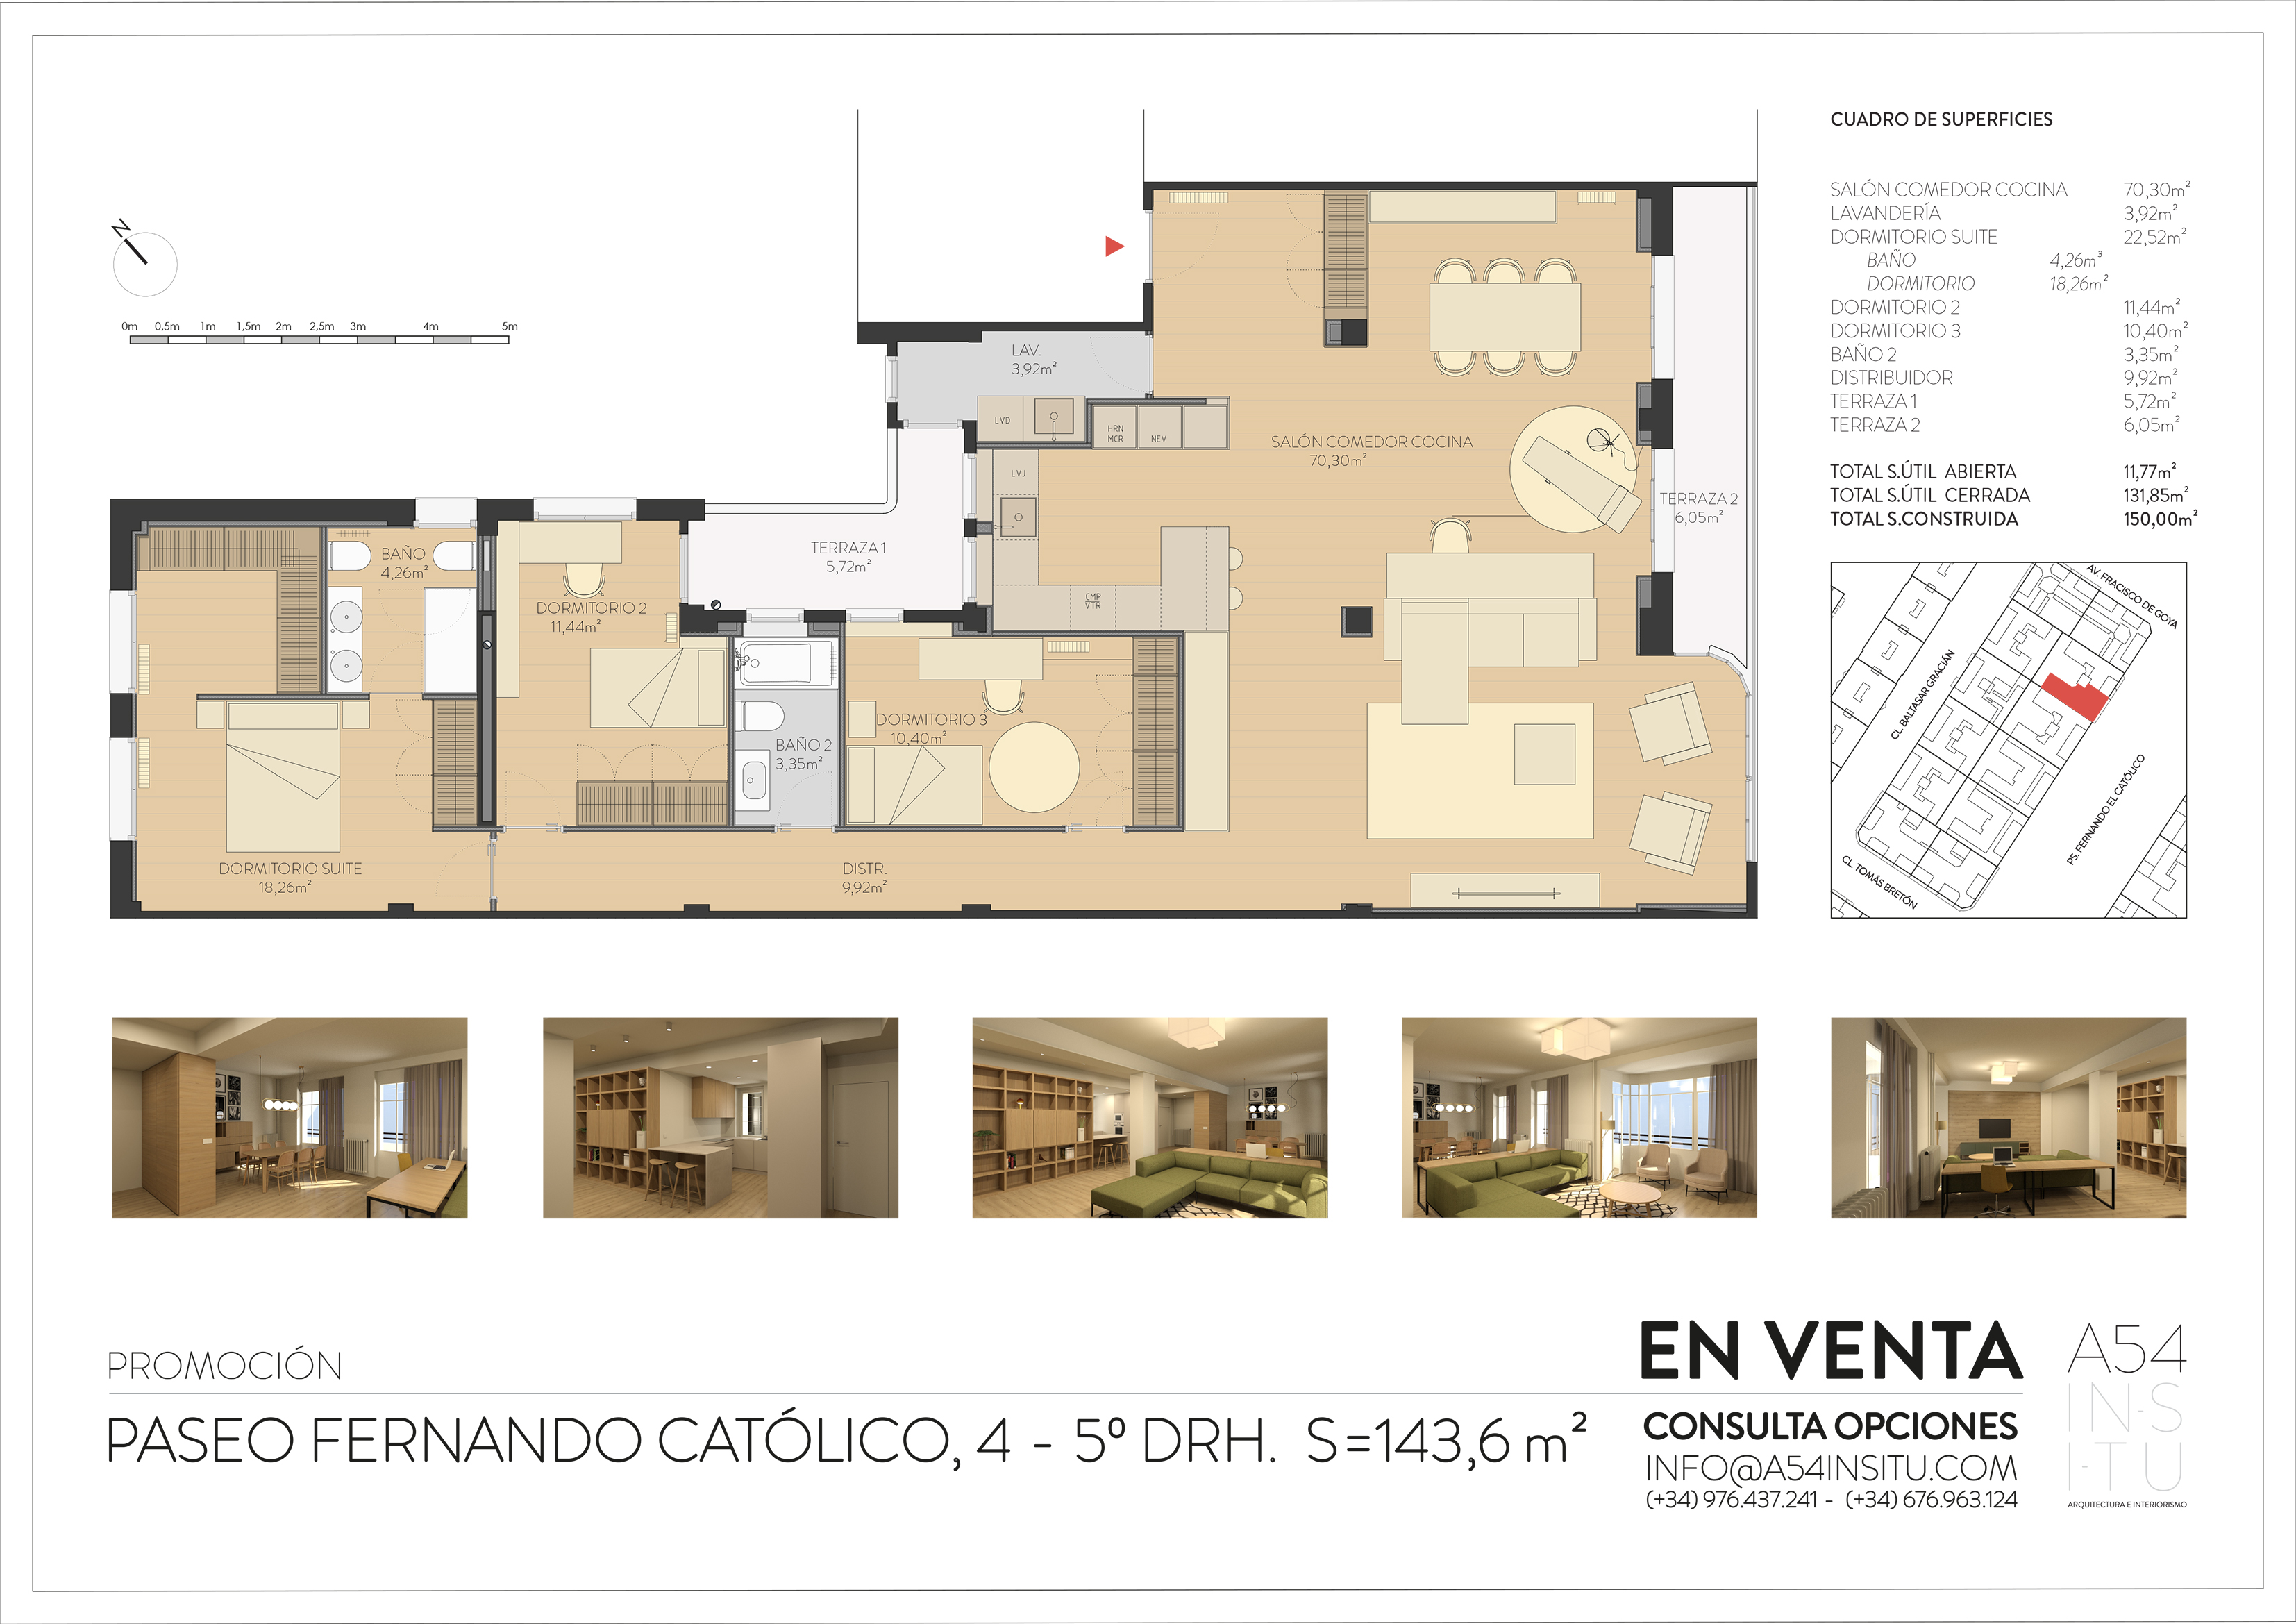 se vende reforma integral de vivienda en Paseo Fernando el Católico llaves en mano A54insitu arquitectura y diseño Zaragoza